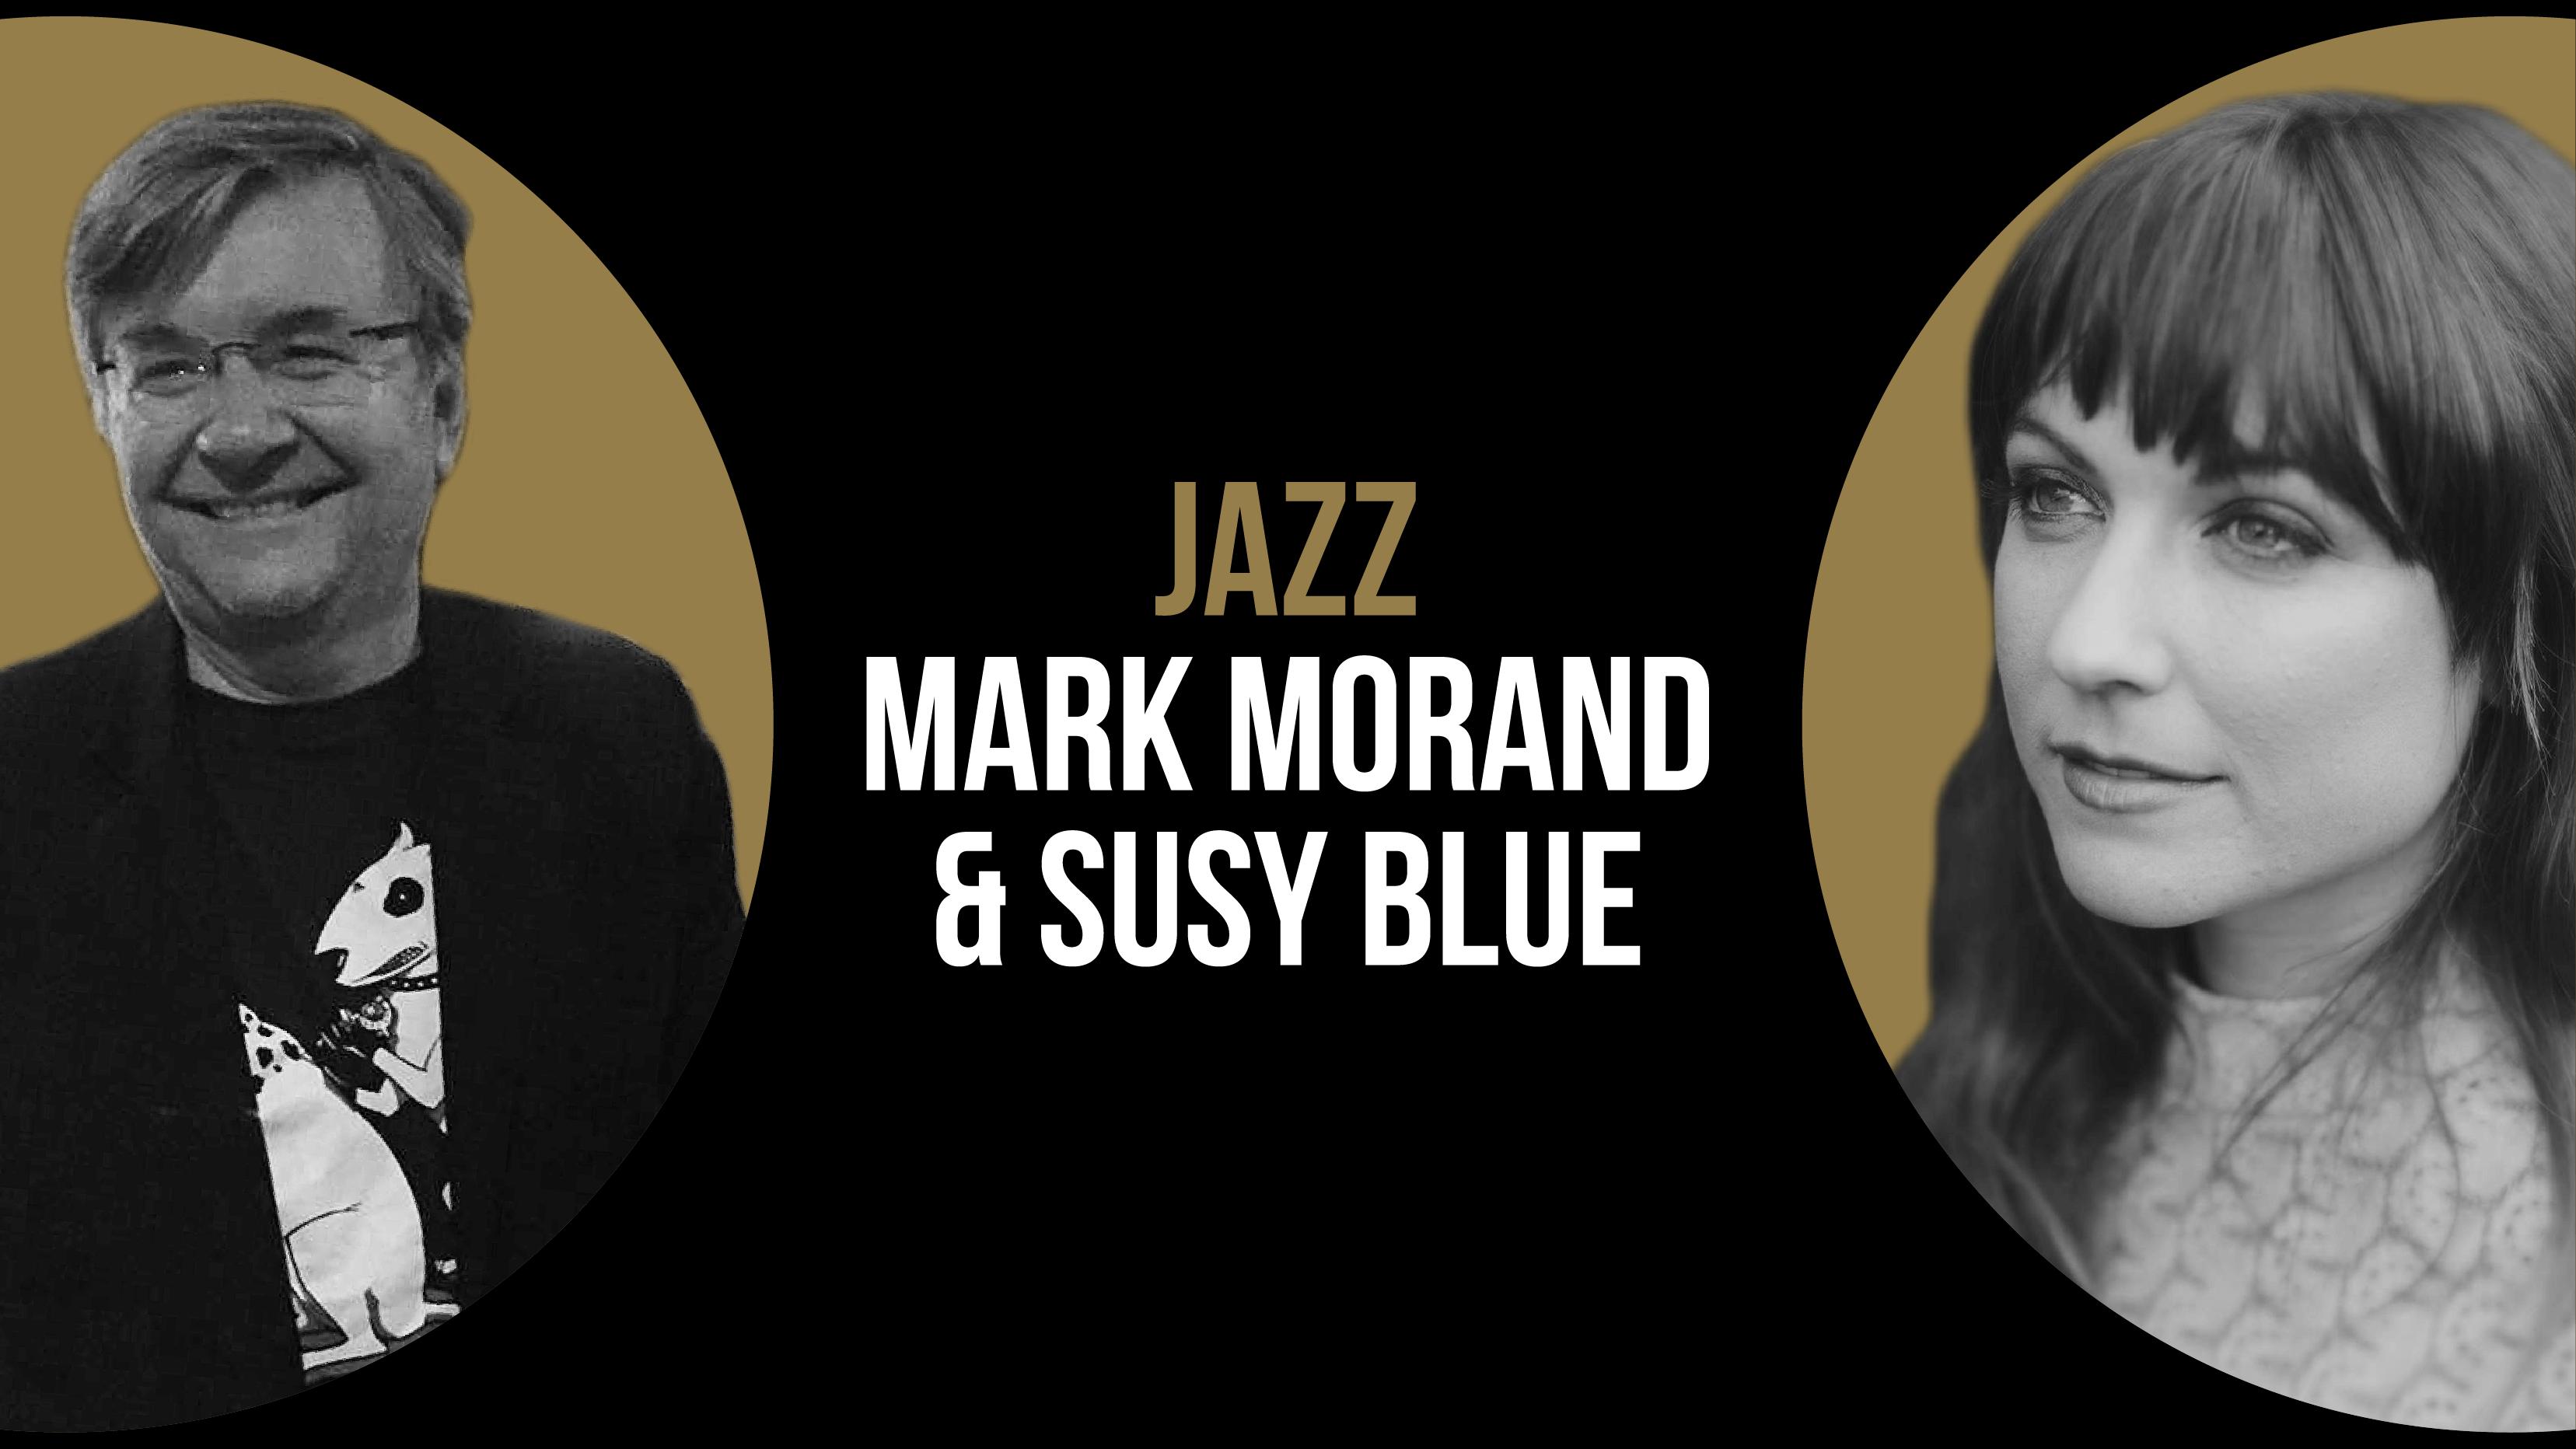 Wednesday 3 March Jazz